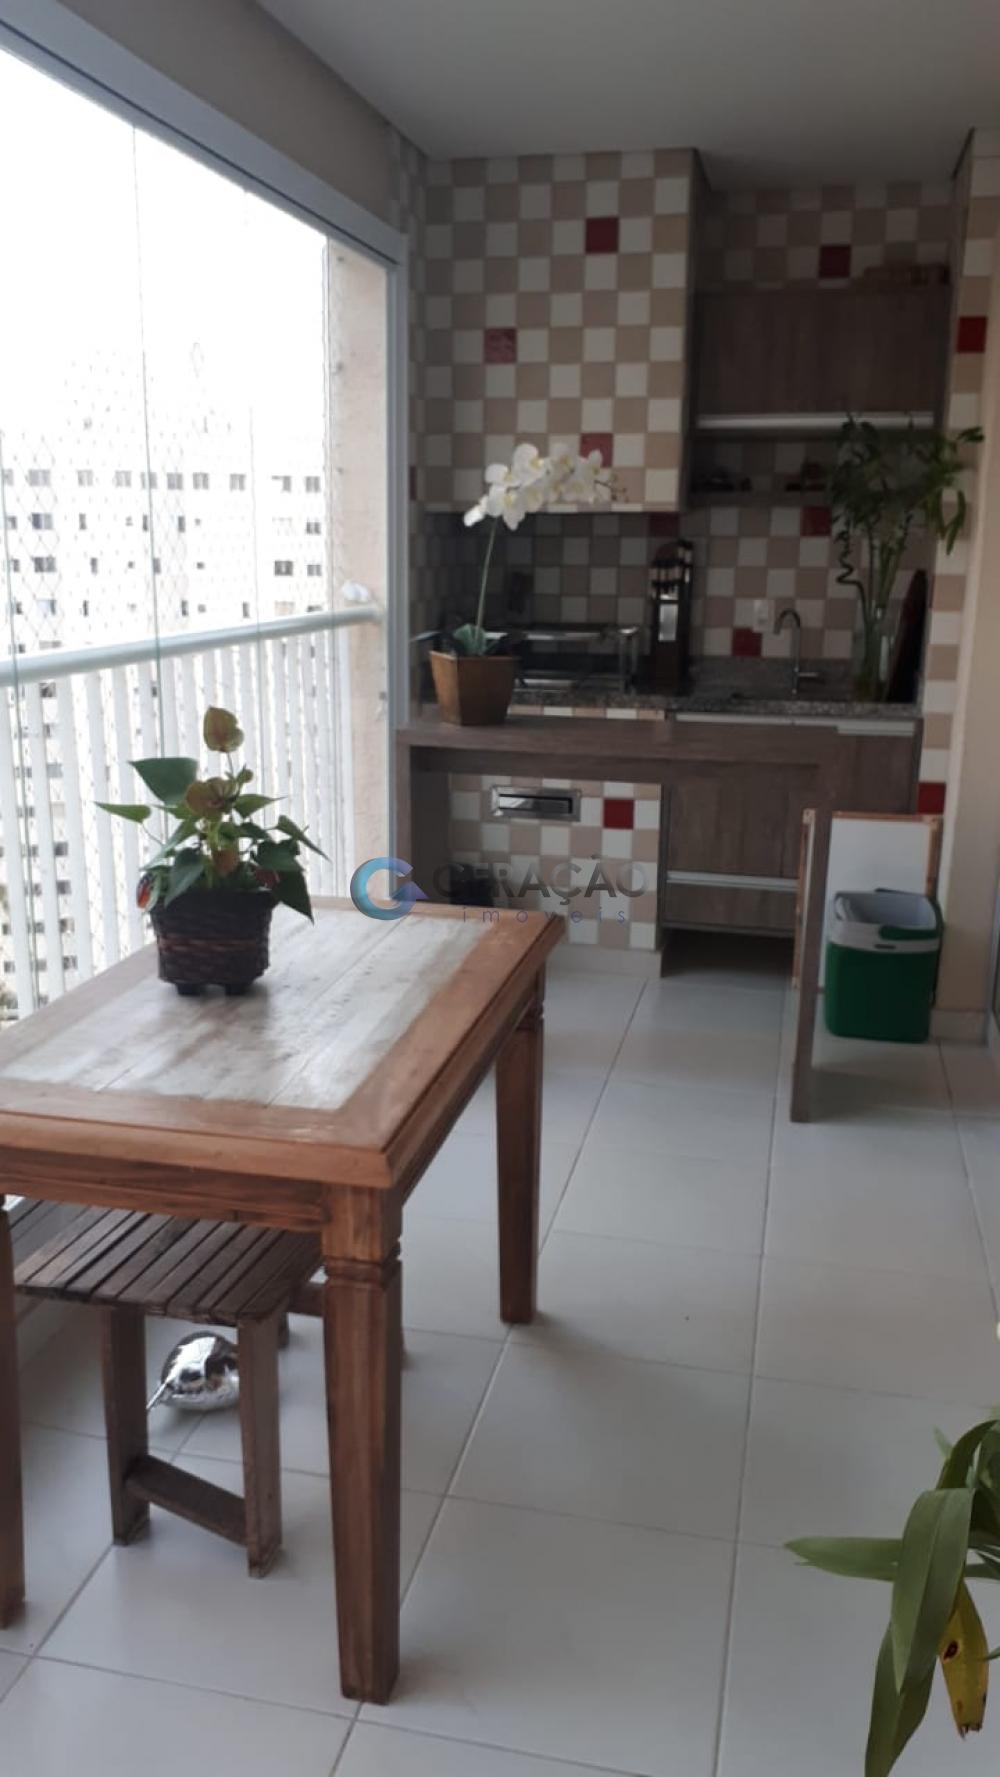 Comprar Apartamento / Padrão em São José dos Campos R$ 780.000,00 - Foto 2